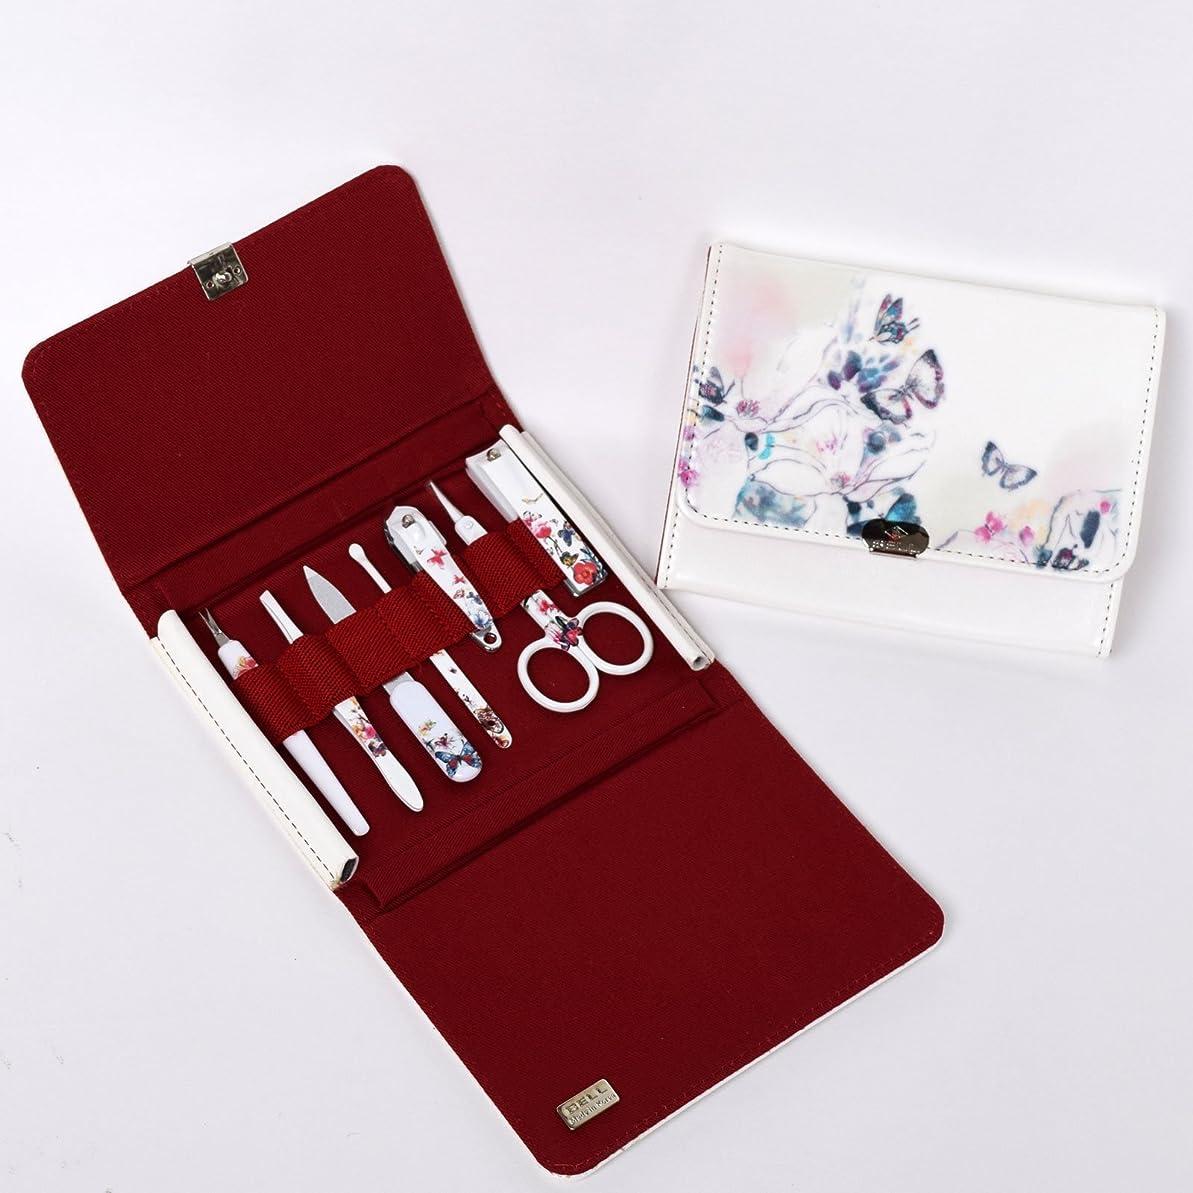 揃えるペーストアストロラーベBELL Manicure Sets BM-270 ポータブル爪の管理セット 爪切りセット 高品質のネイルケアセット高級感のある東洋画のデザイン Portable Nail Clippers Nail Care Set